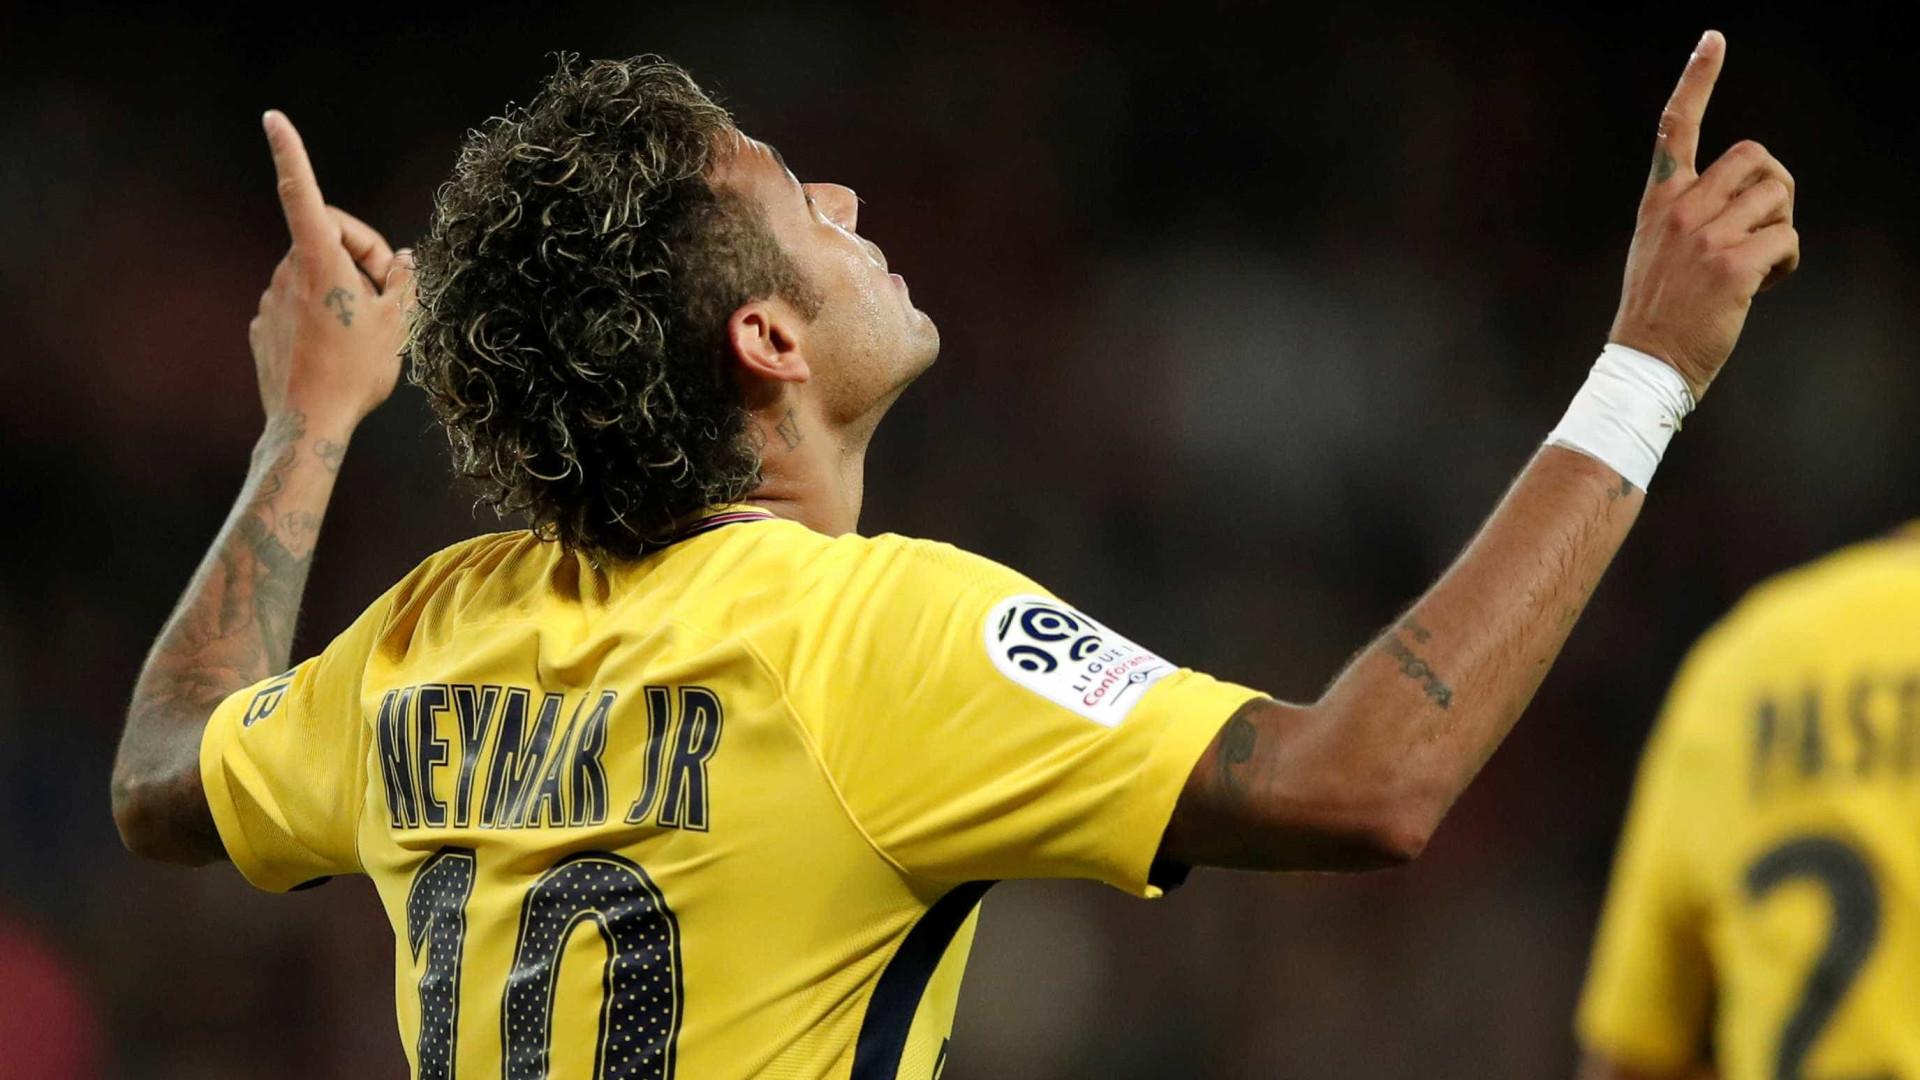 Resumão da rodada: Neymar estreia com gol e Real vence Barcelona